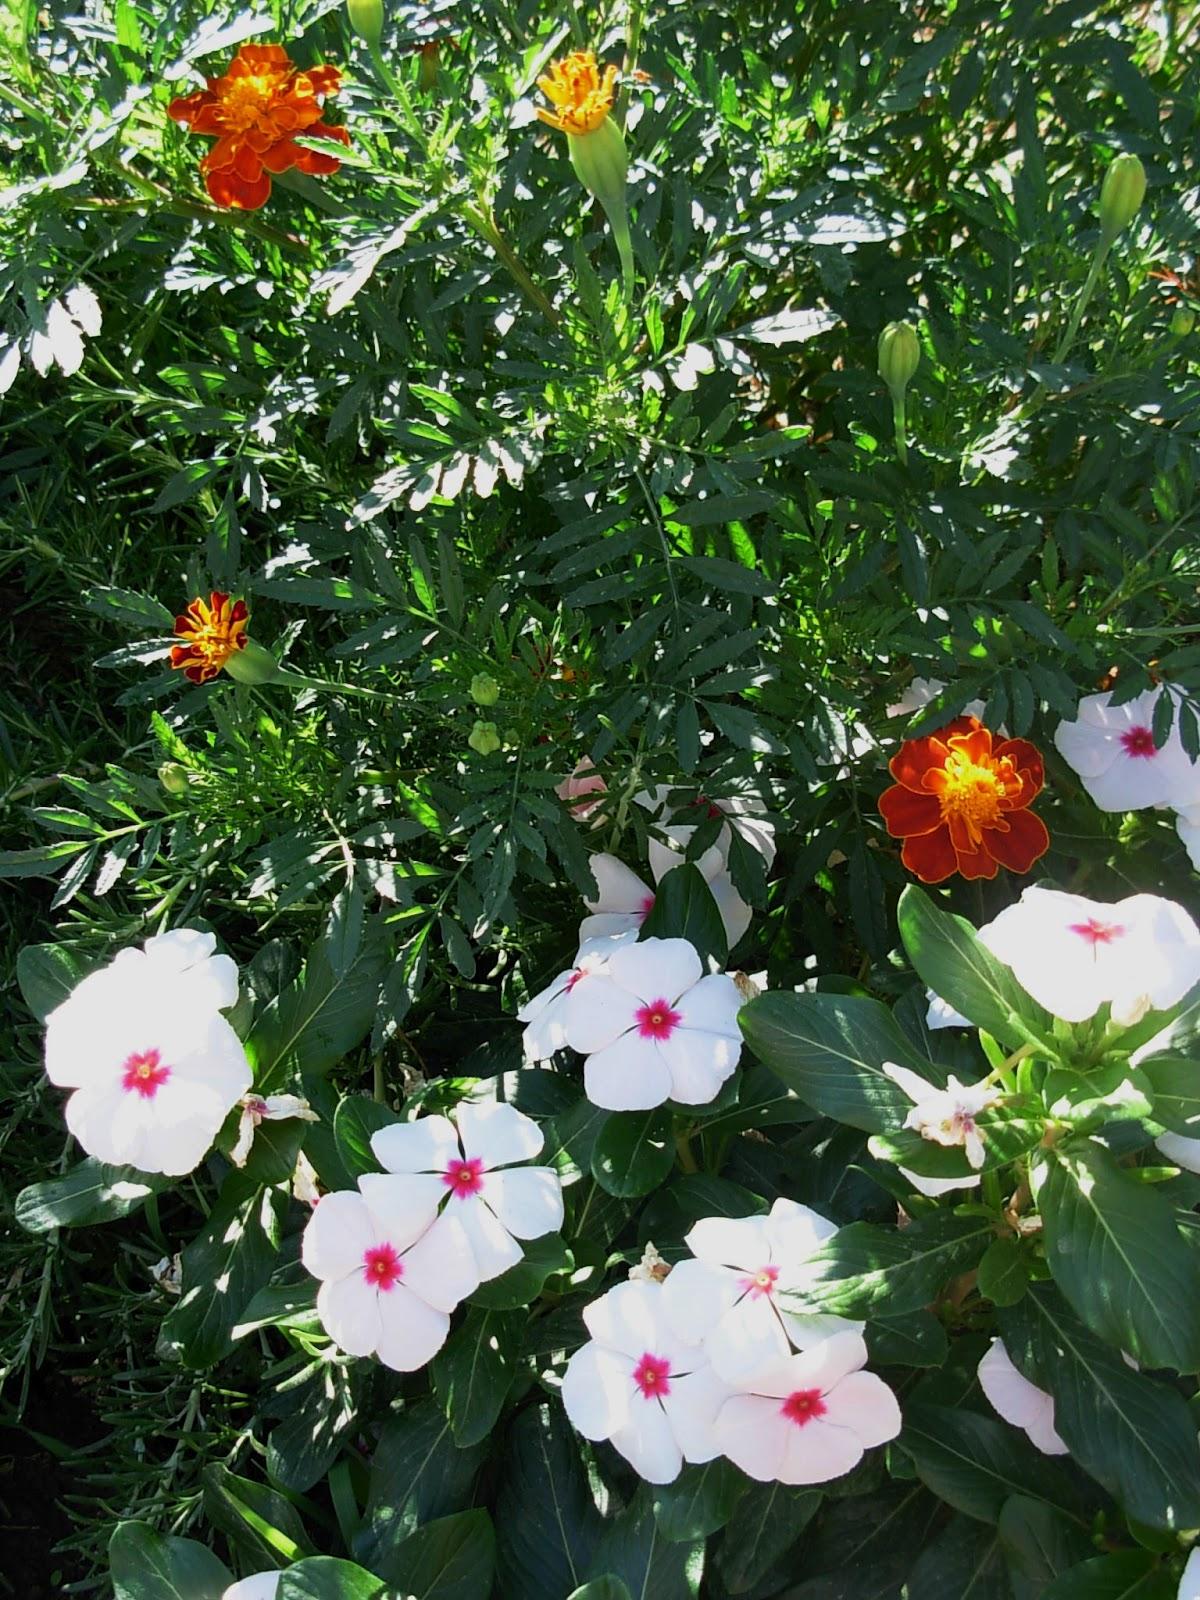 Plazanavaluenga septiembre en el jard n 2 tagetes for Chino el jardin